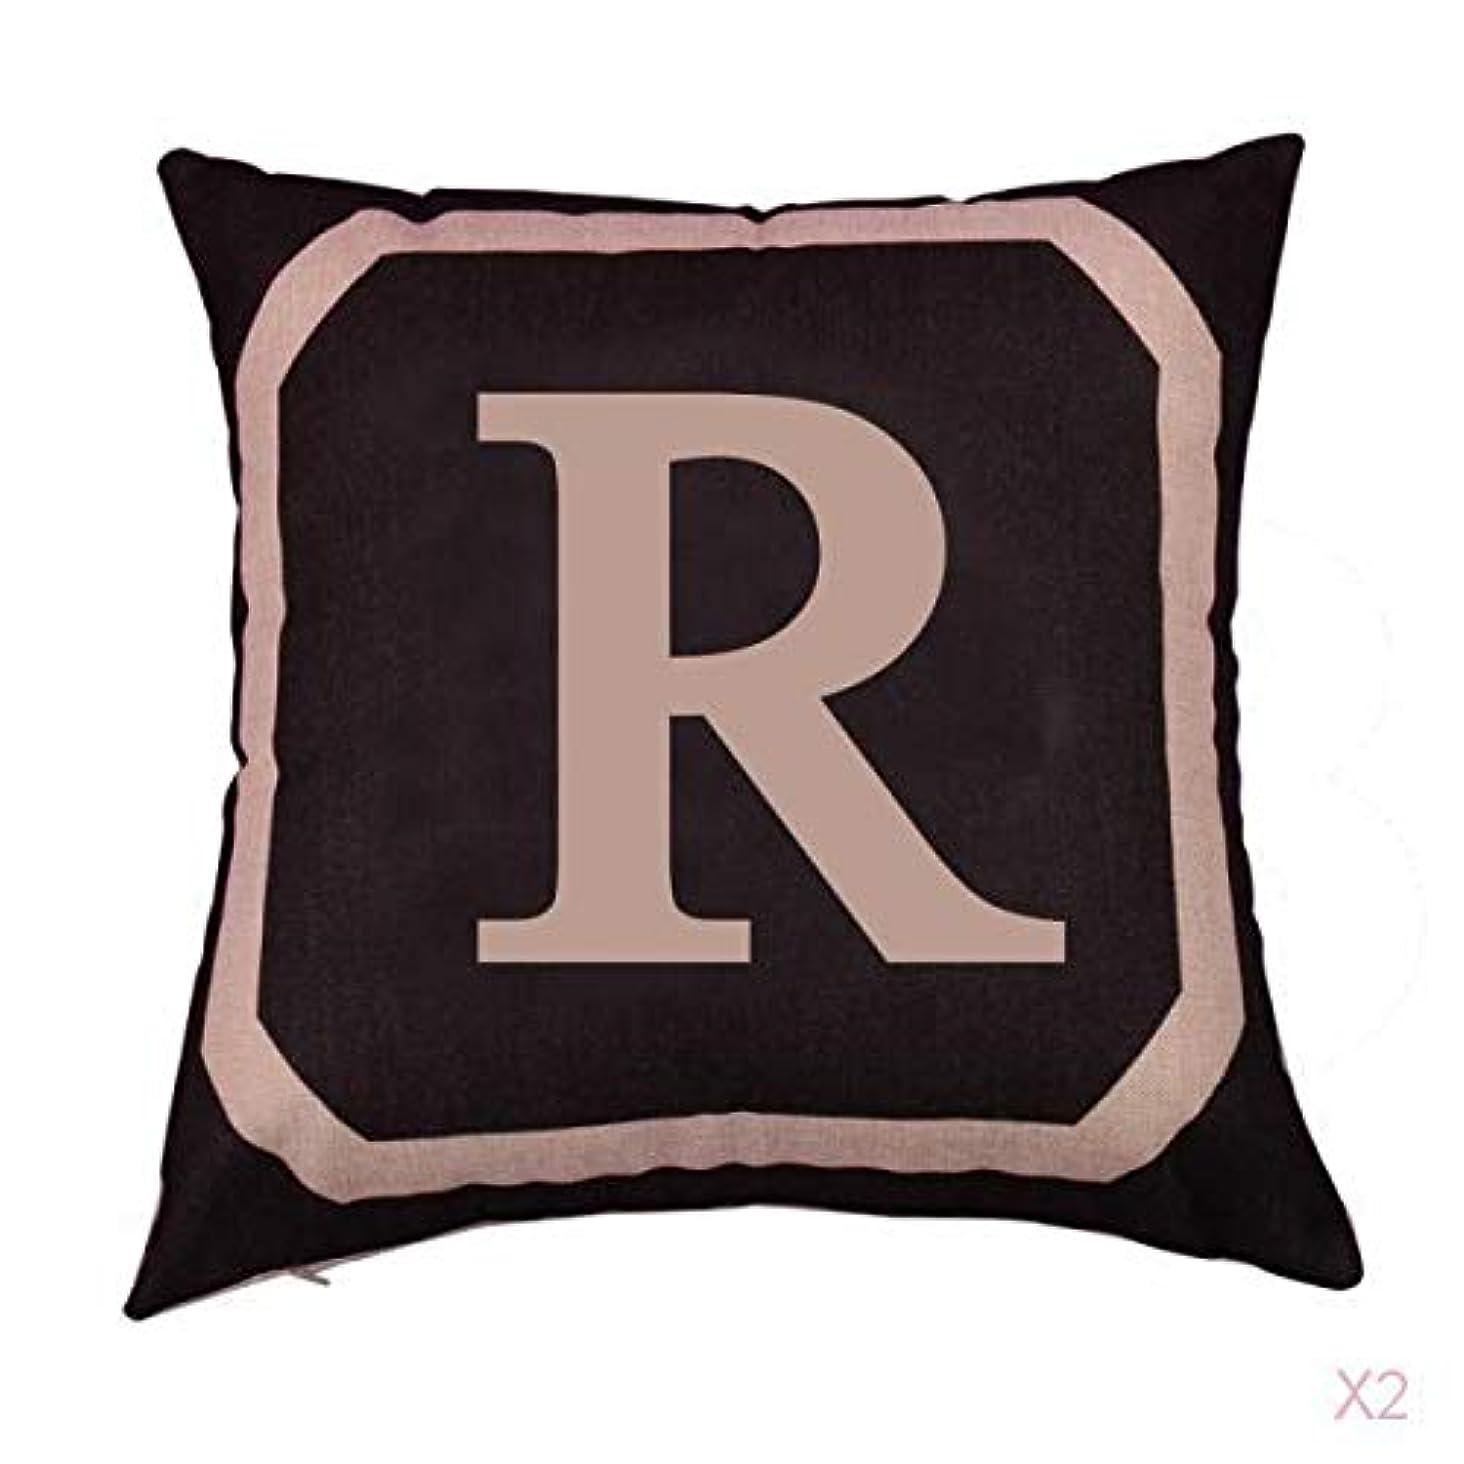 さわやかスラム街オーバーヘッド正方形の綿のリネンスローピローケース腰クッションカバーベッドソファ装飾rを